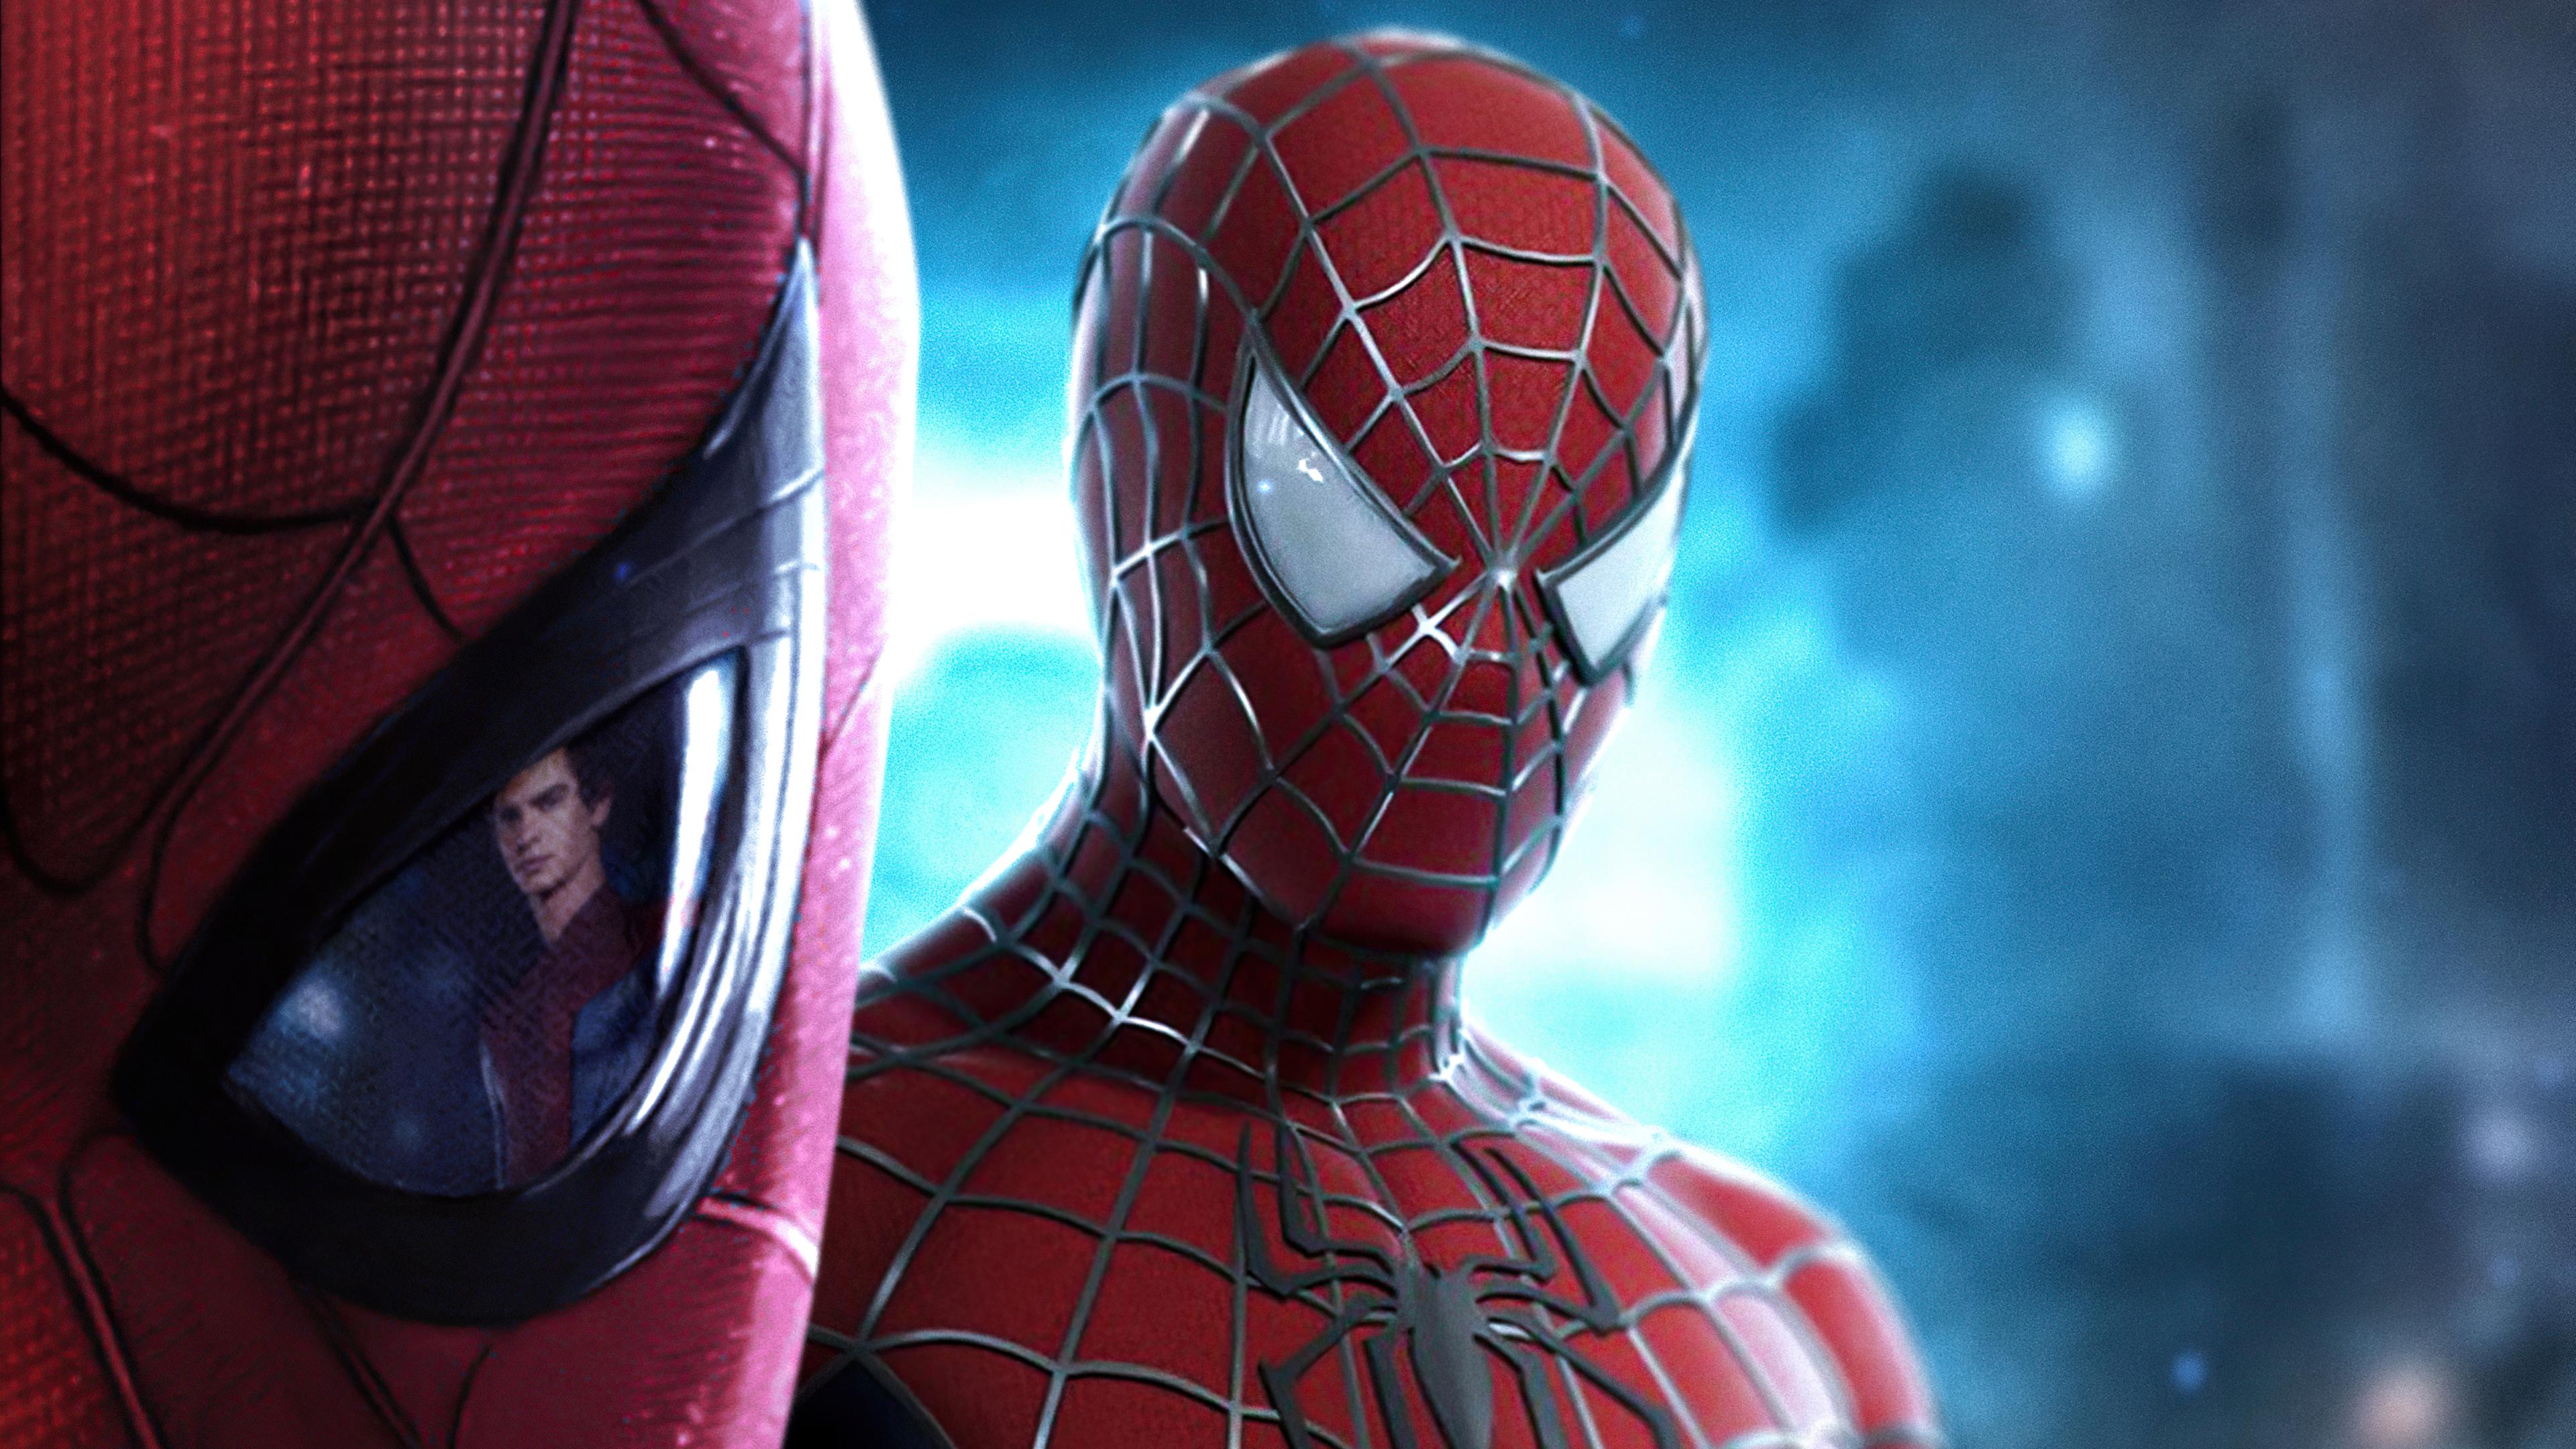 spider man no way home movie 4k 1618166063 - Spider Man No Way Home Movie 4k - Spider Man No Way Home Movie 4k wallpapers